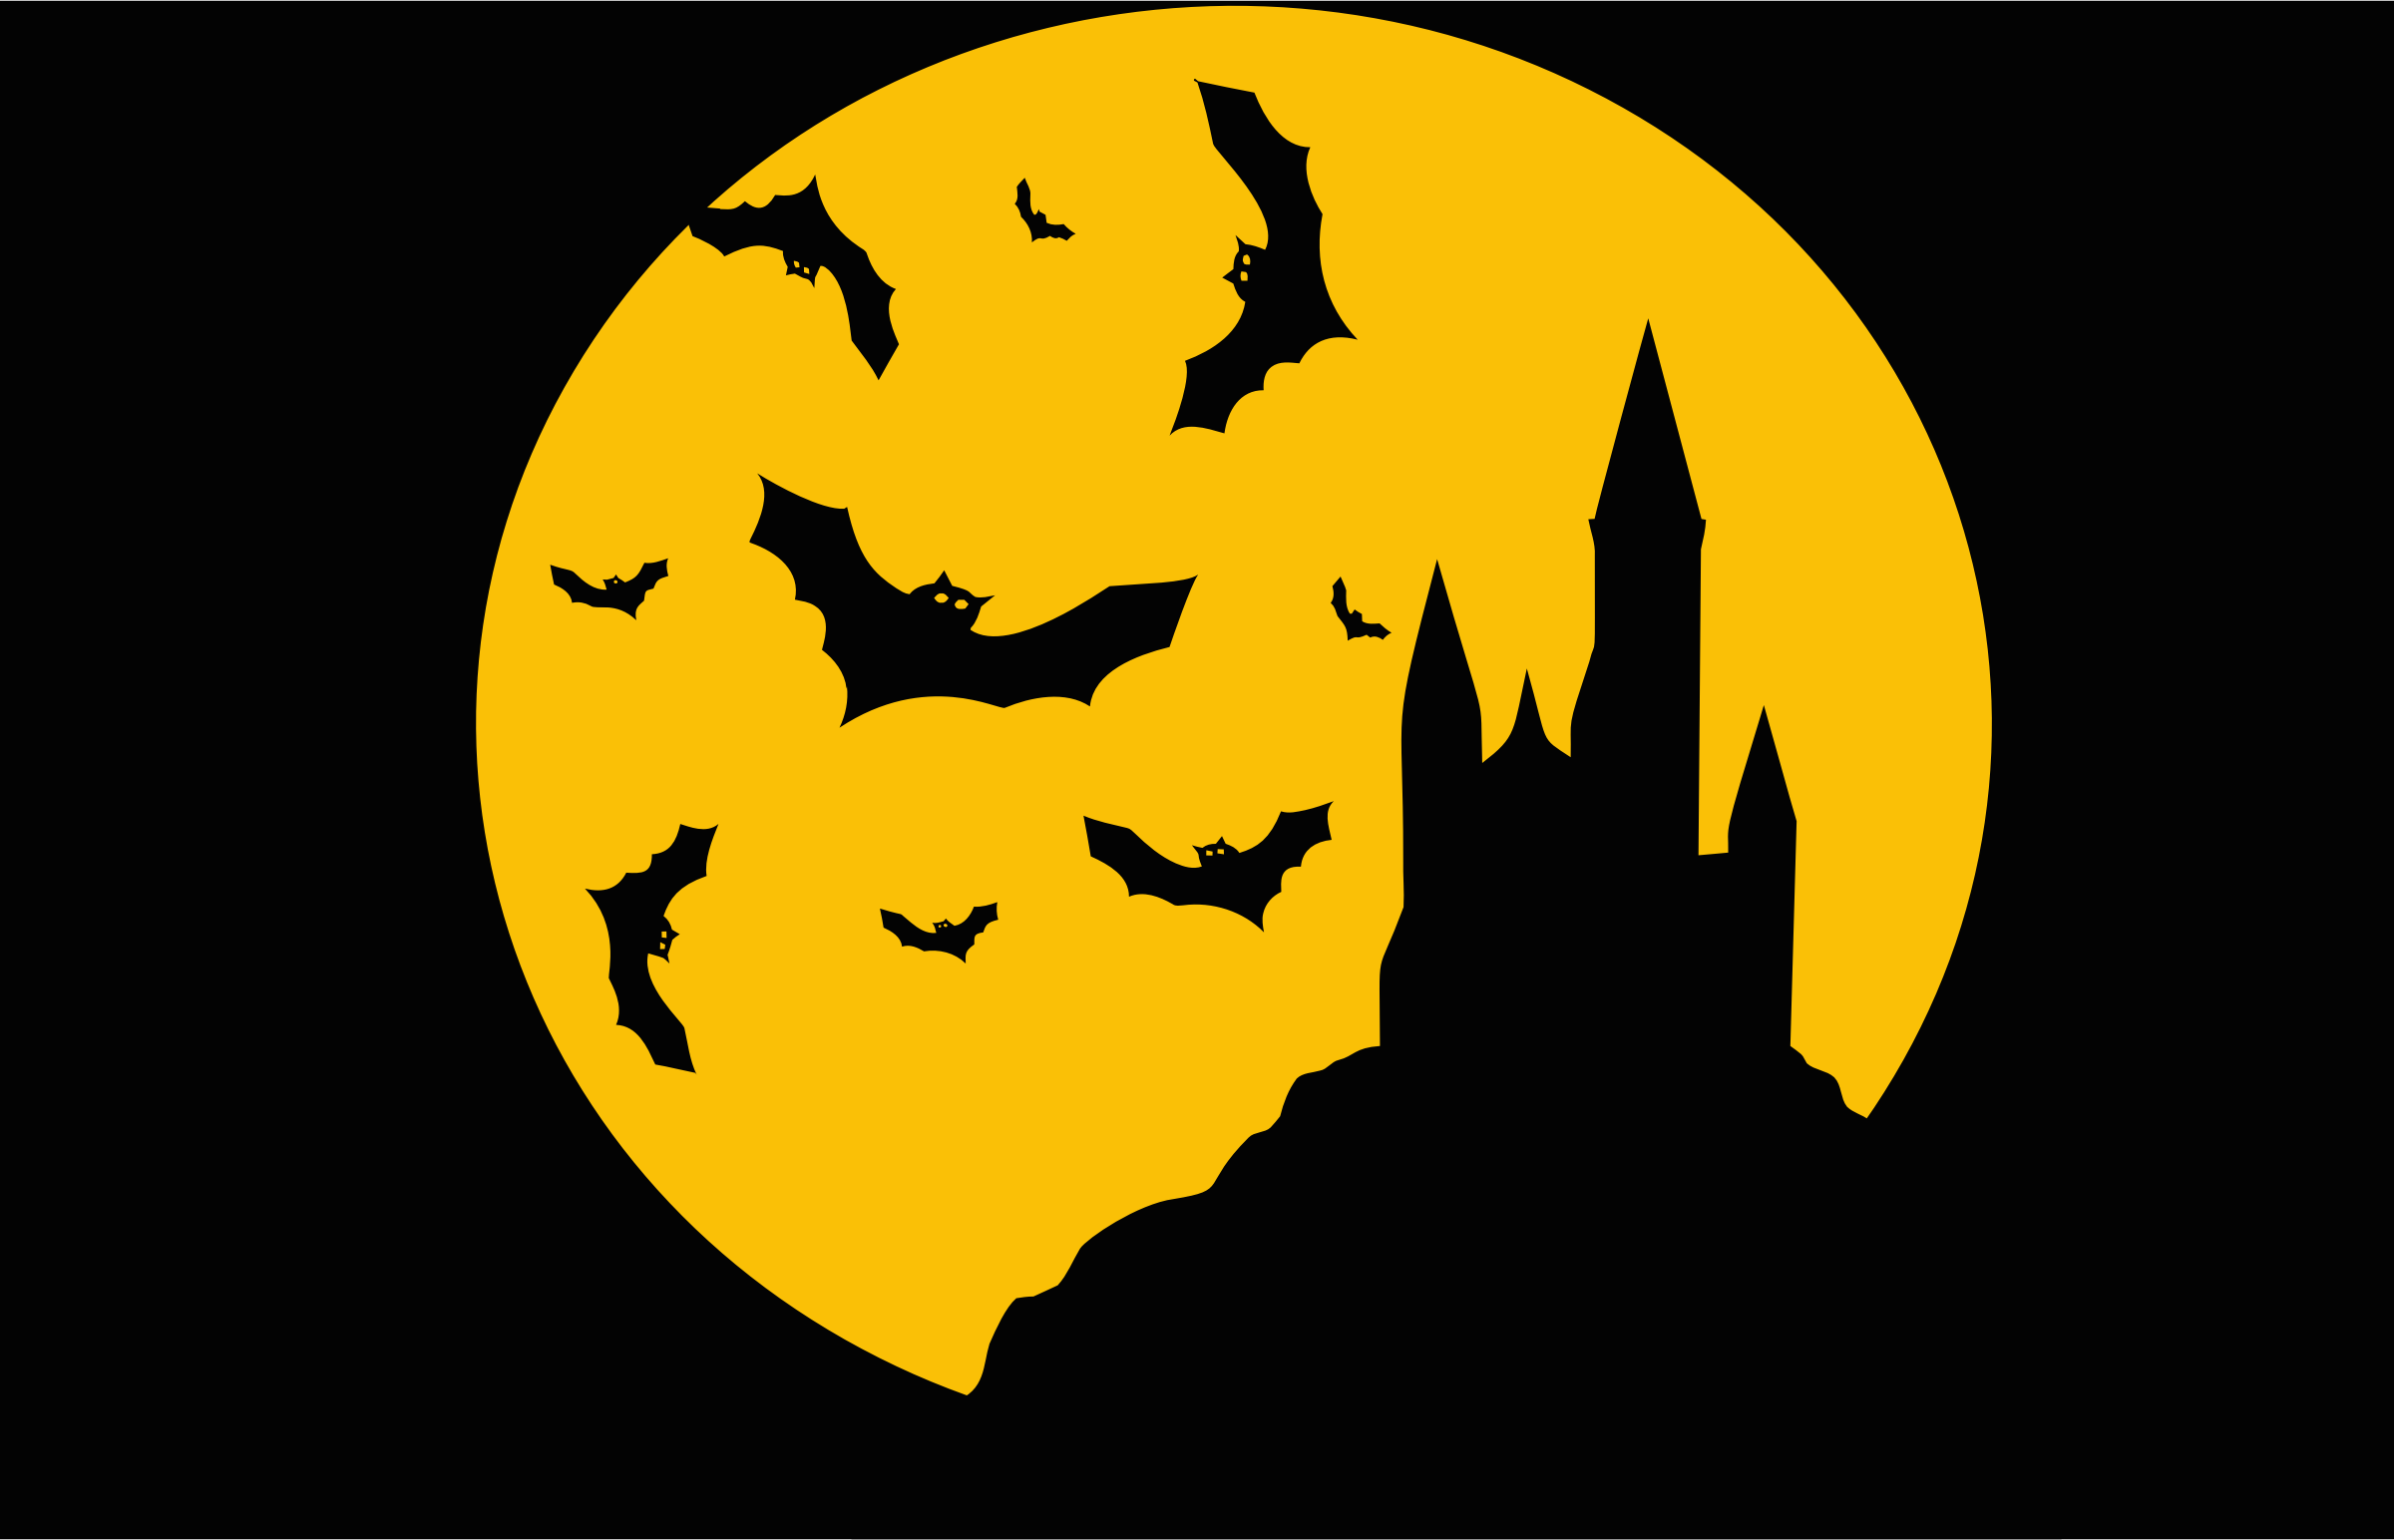 Clipart - Castle Bats Silhouette